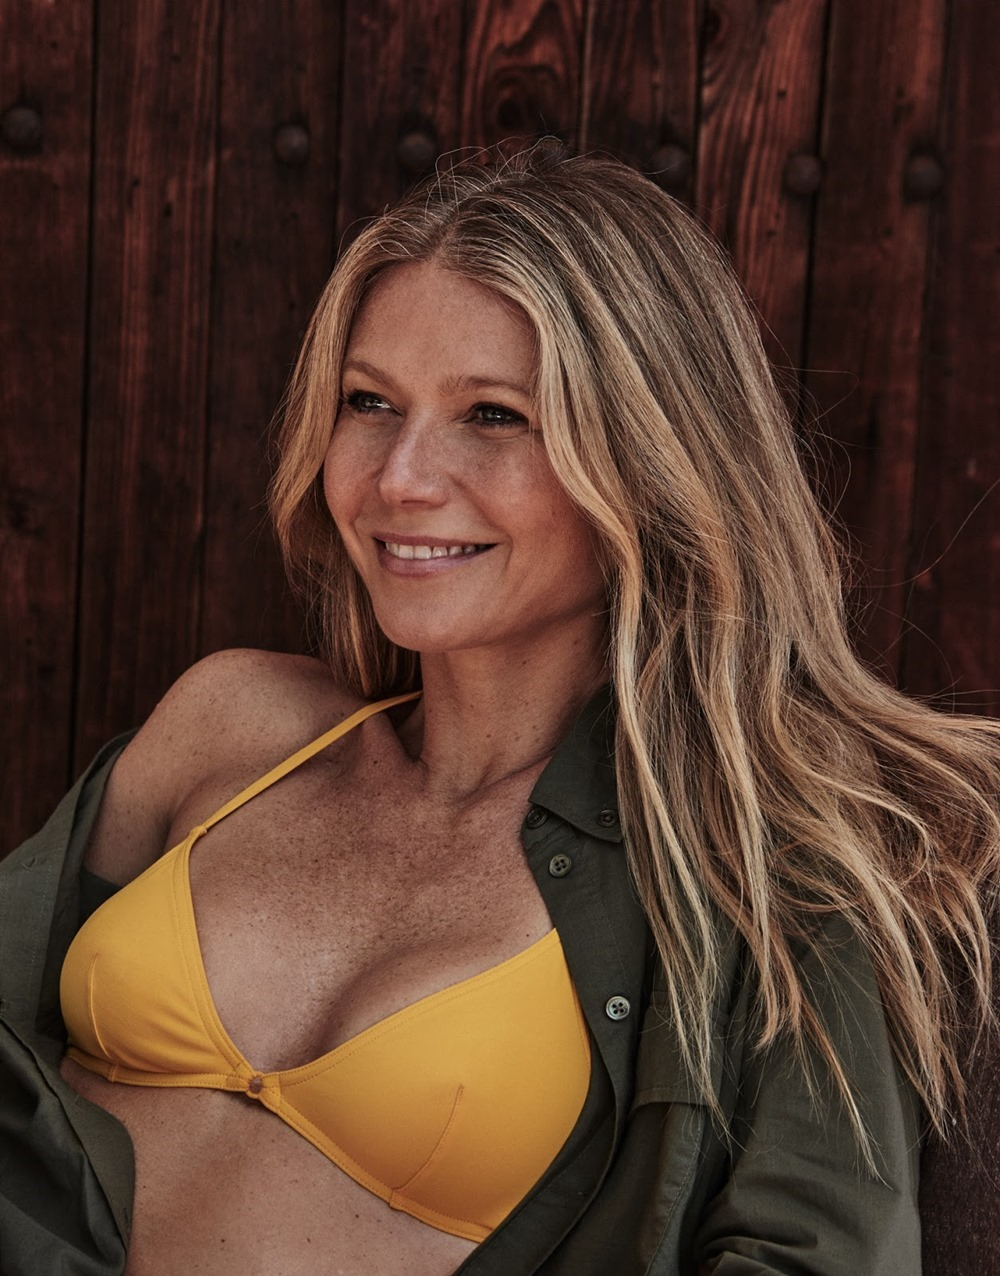 Twitter Marilyn Renata Severo nude photos 2019